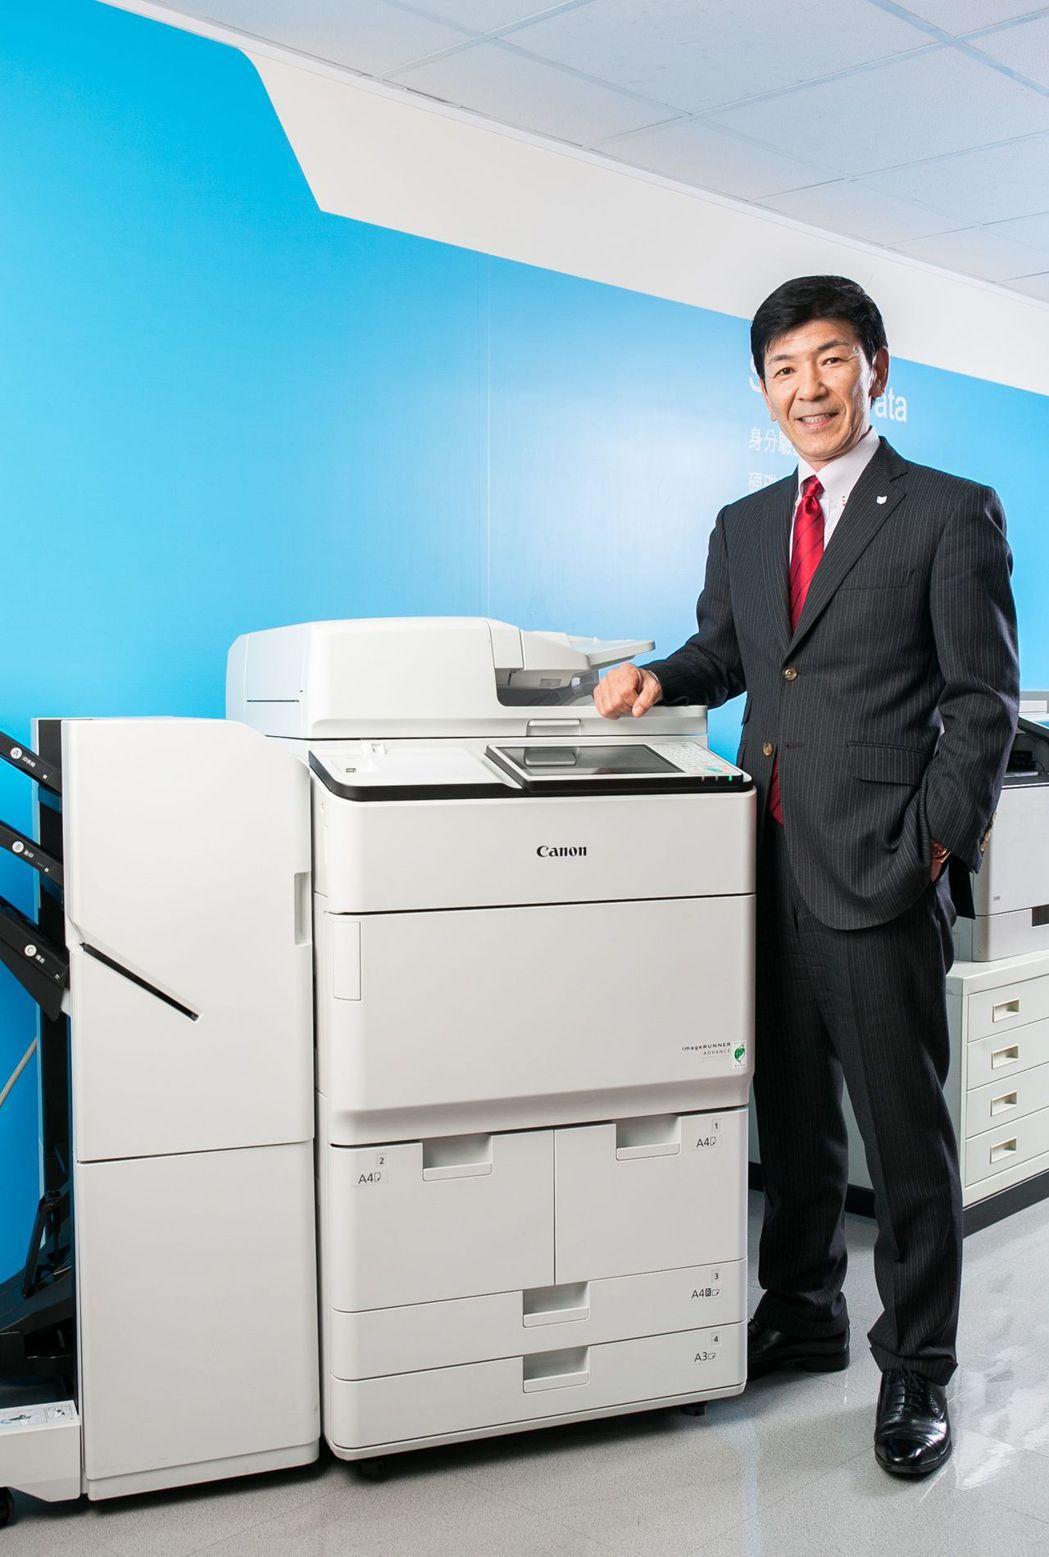 台灣 Canon 高橋充夫 副總裁表示,Canon將積極在台灣市場提供更多樣性的...